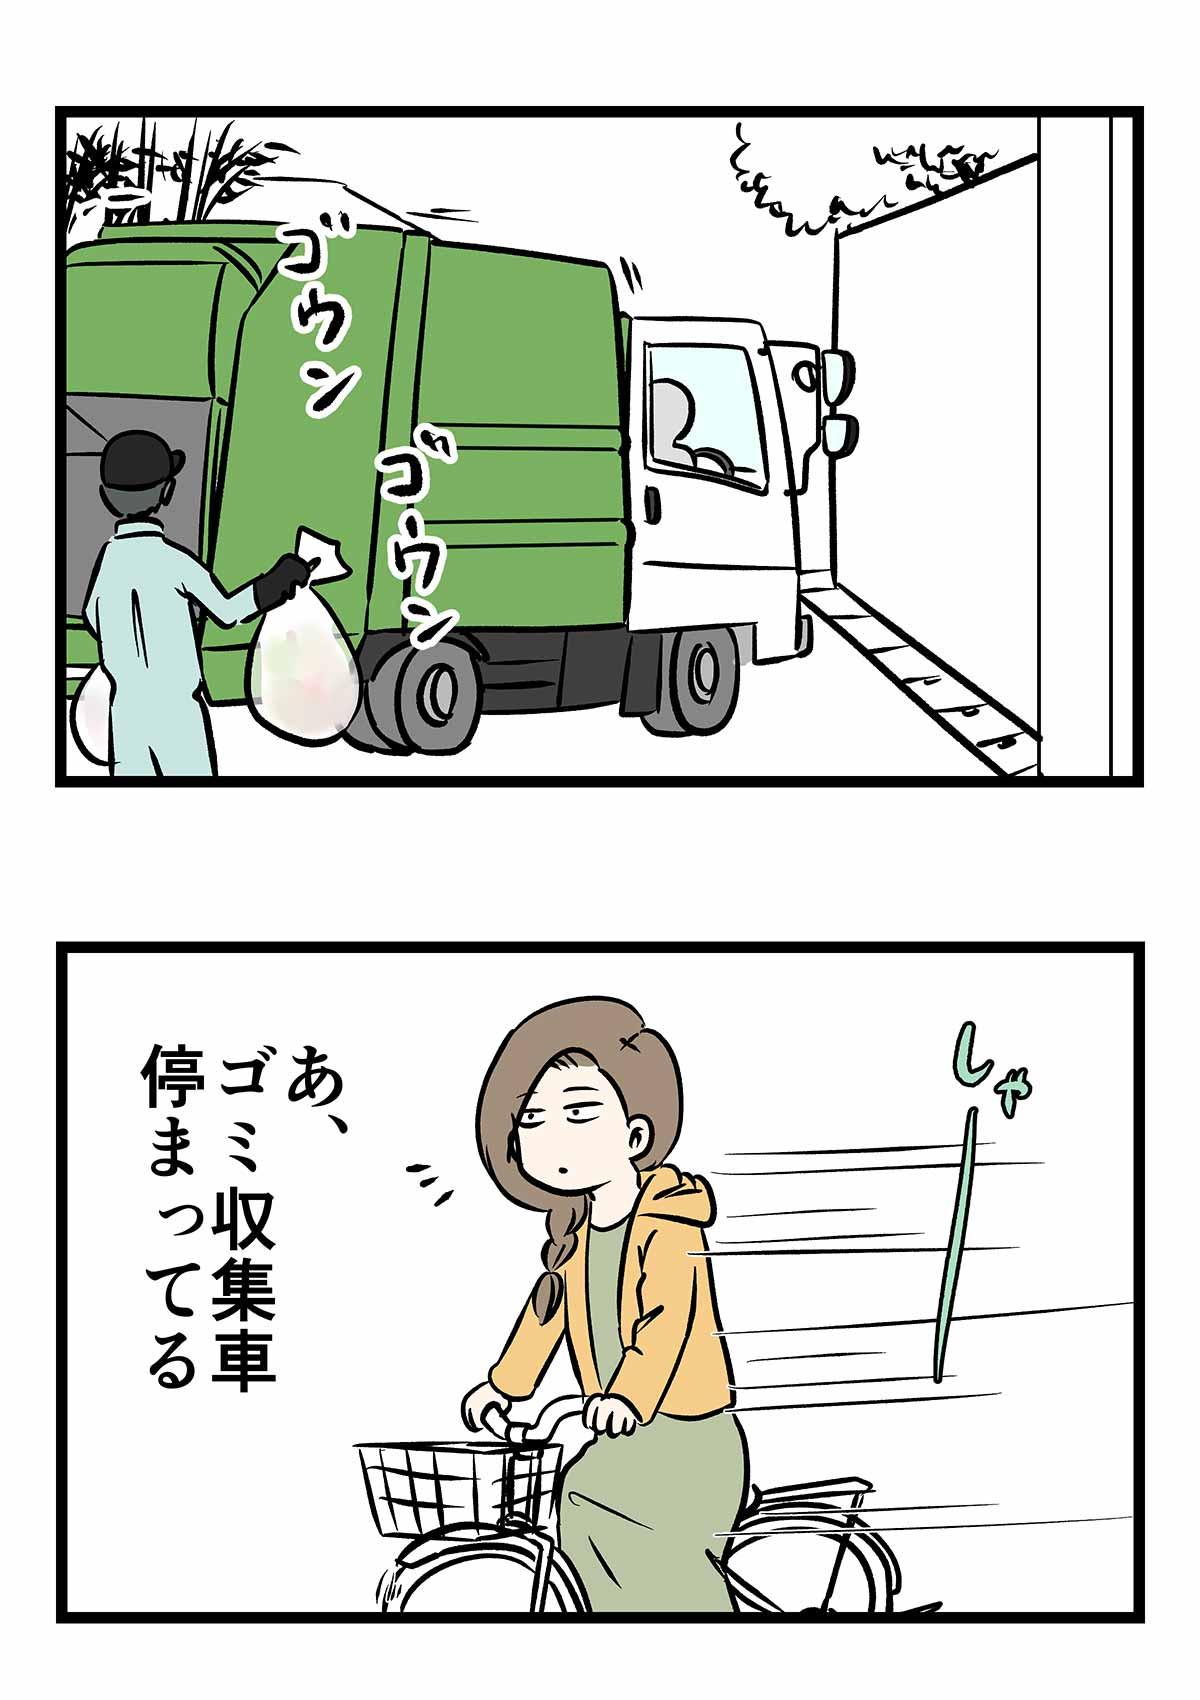 ゴミ収集車に華麗にスルーされた時の話